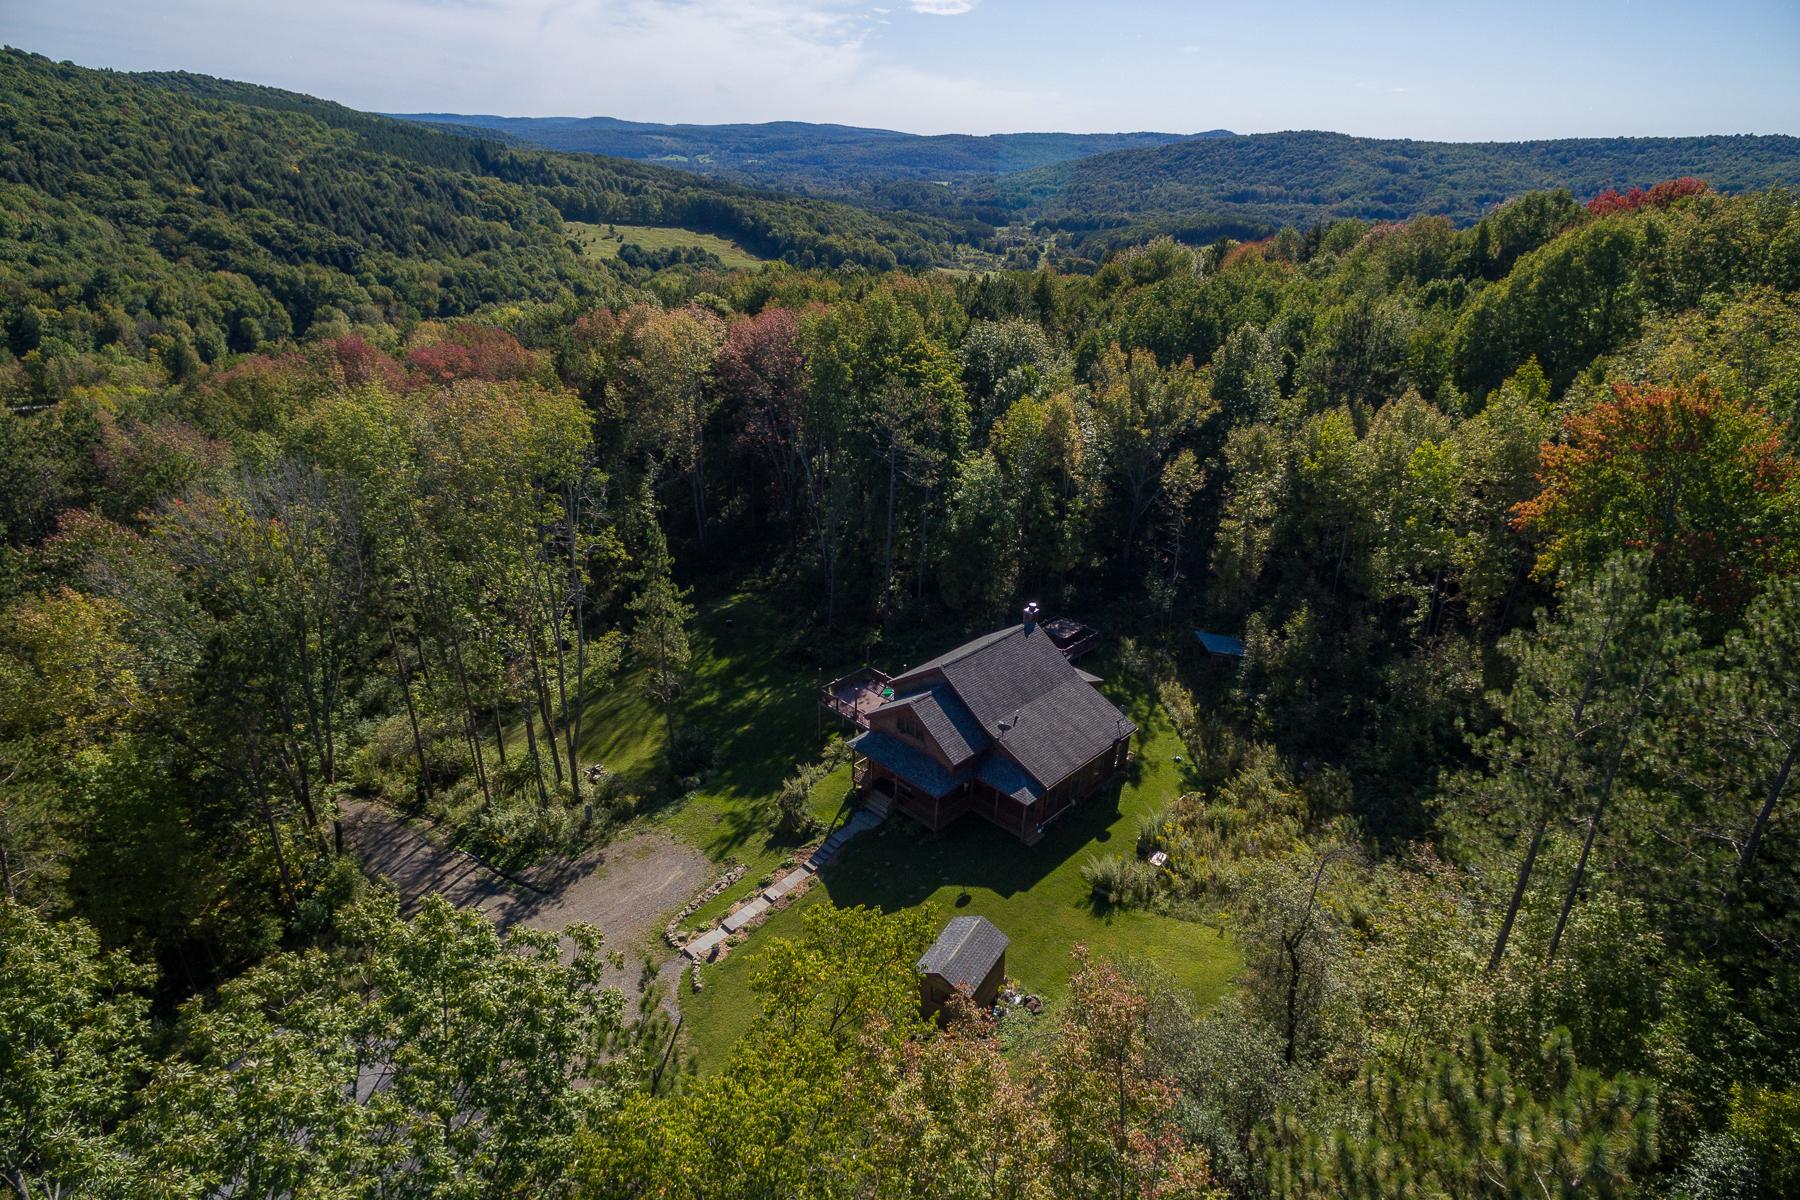 Casa Unifamiliar por un Venta en Fly Creek Jewel 311 Tripp Hill Rd. Fly Creek, Nueva York 13337 Estados Unidos